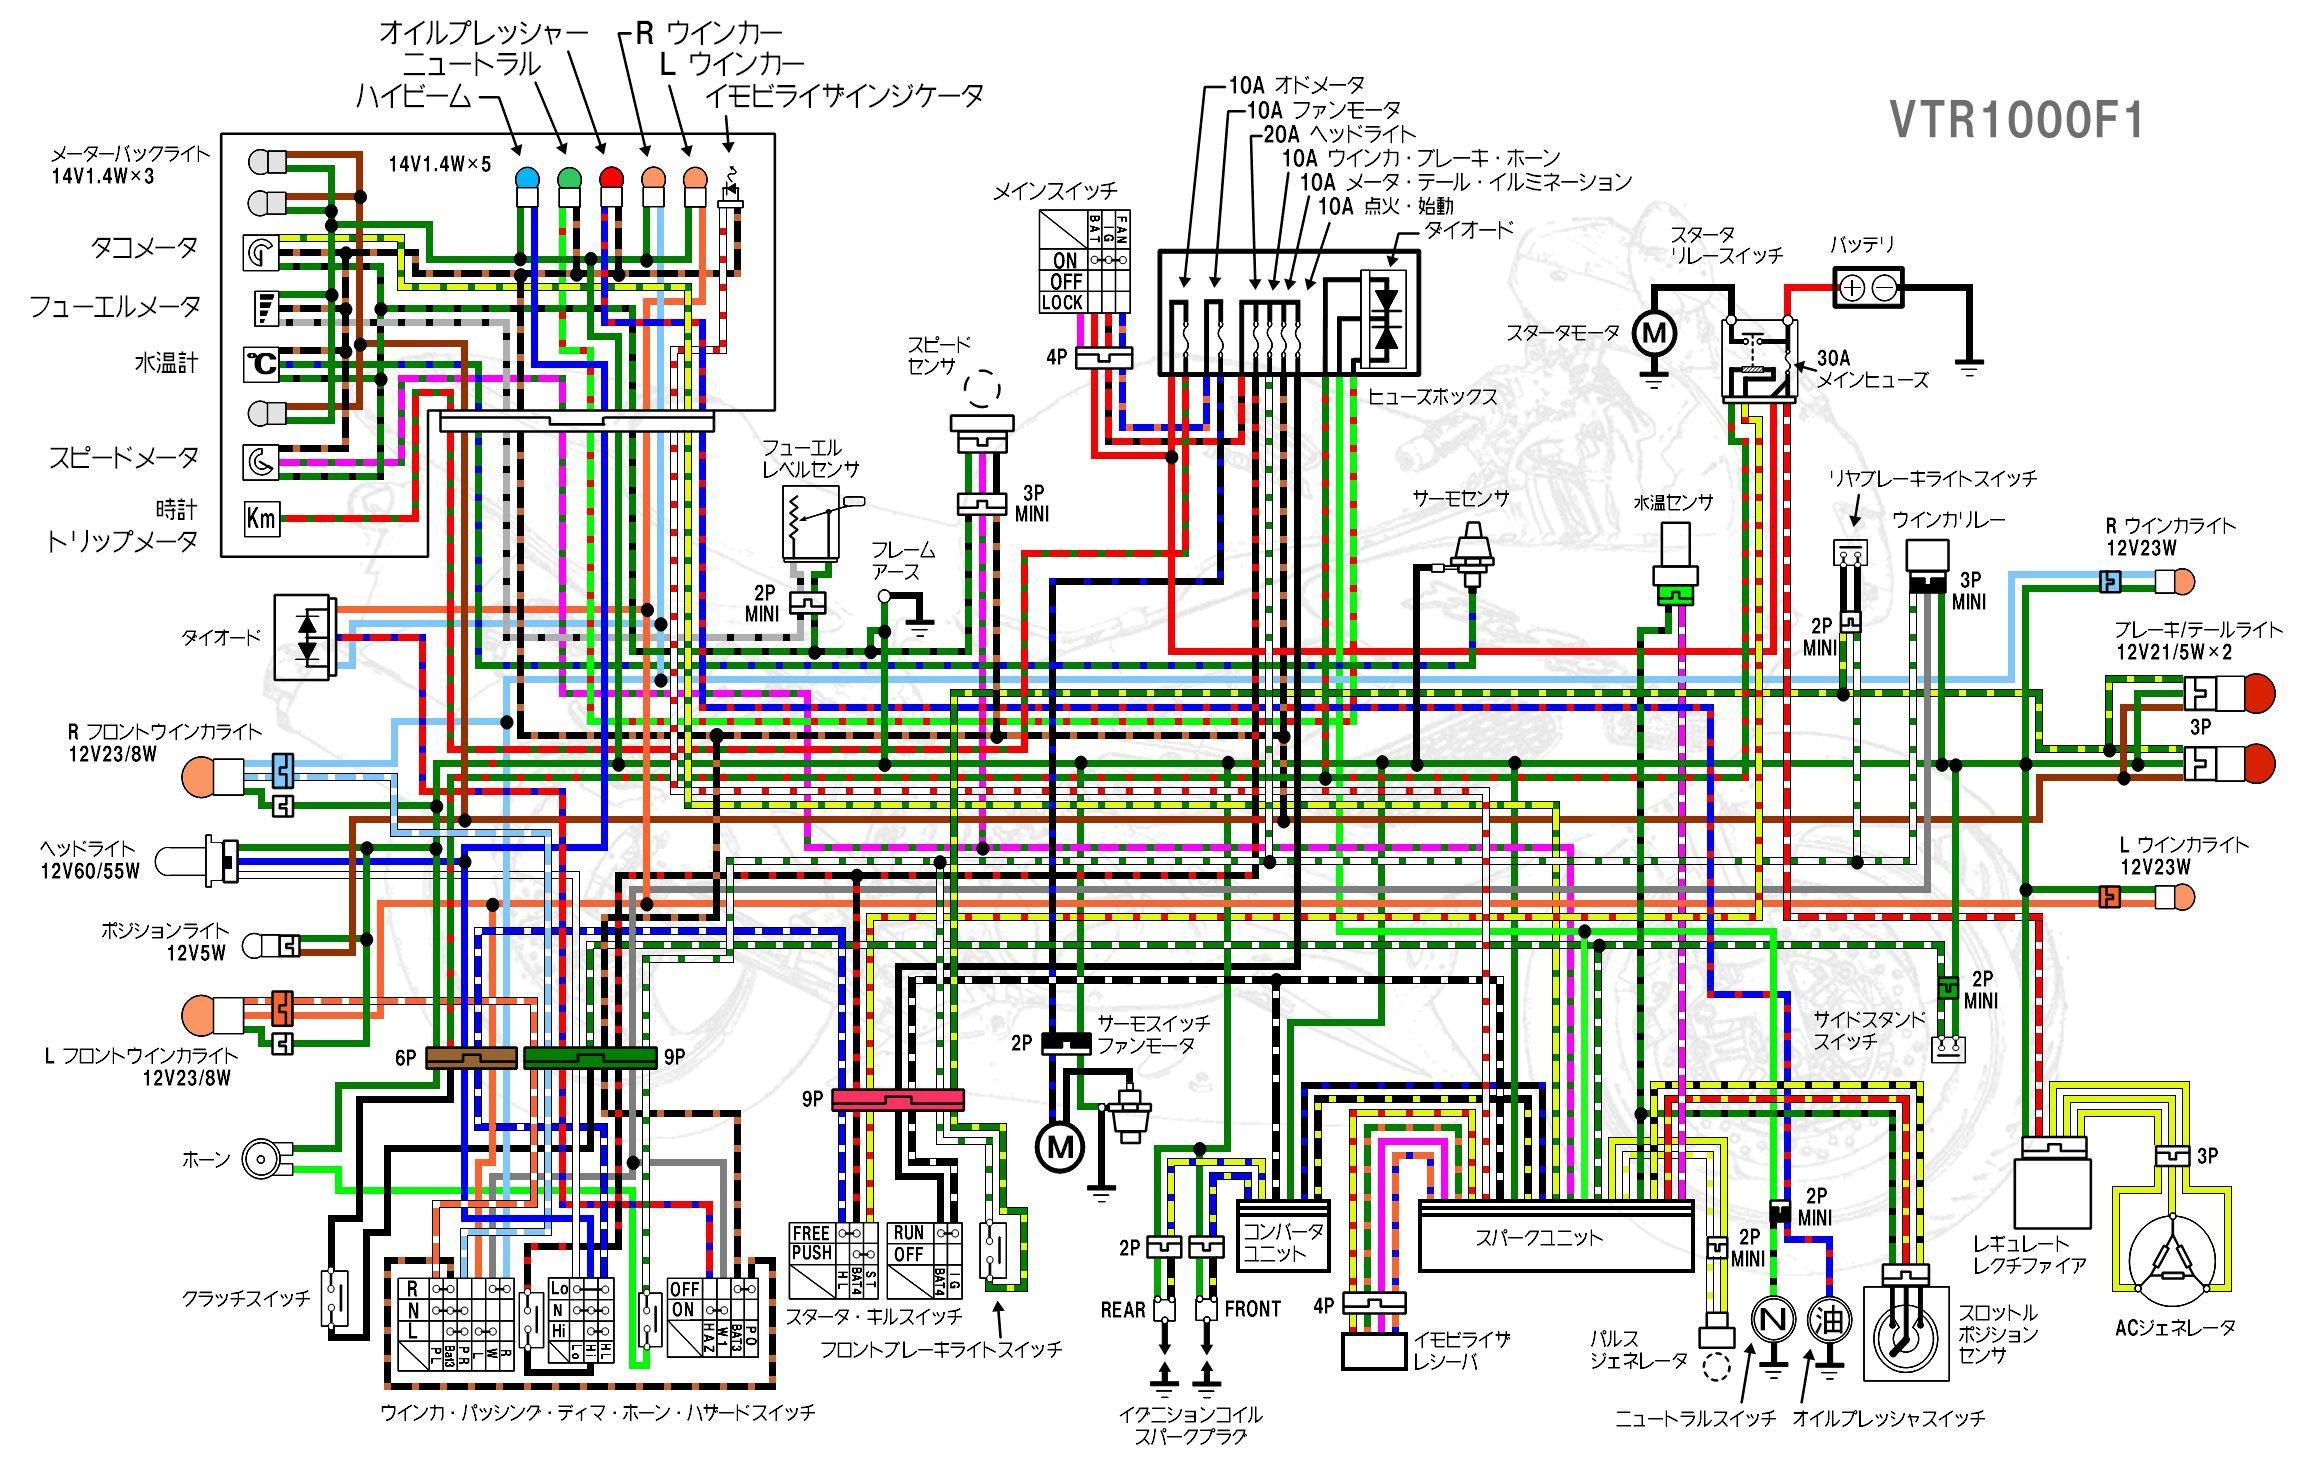 配線 図 英語